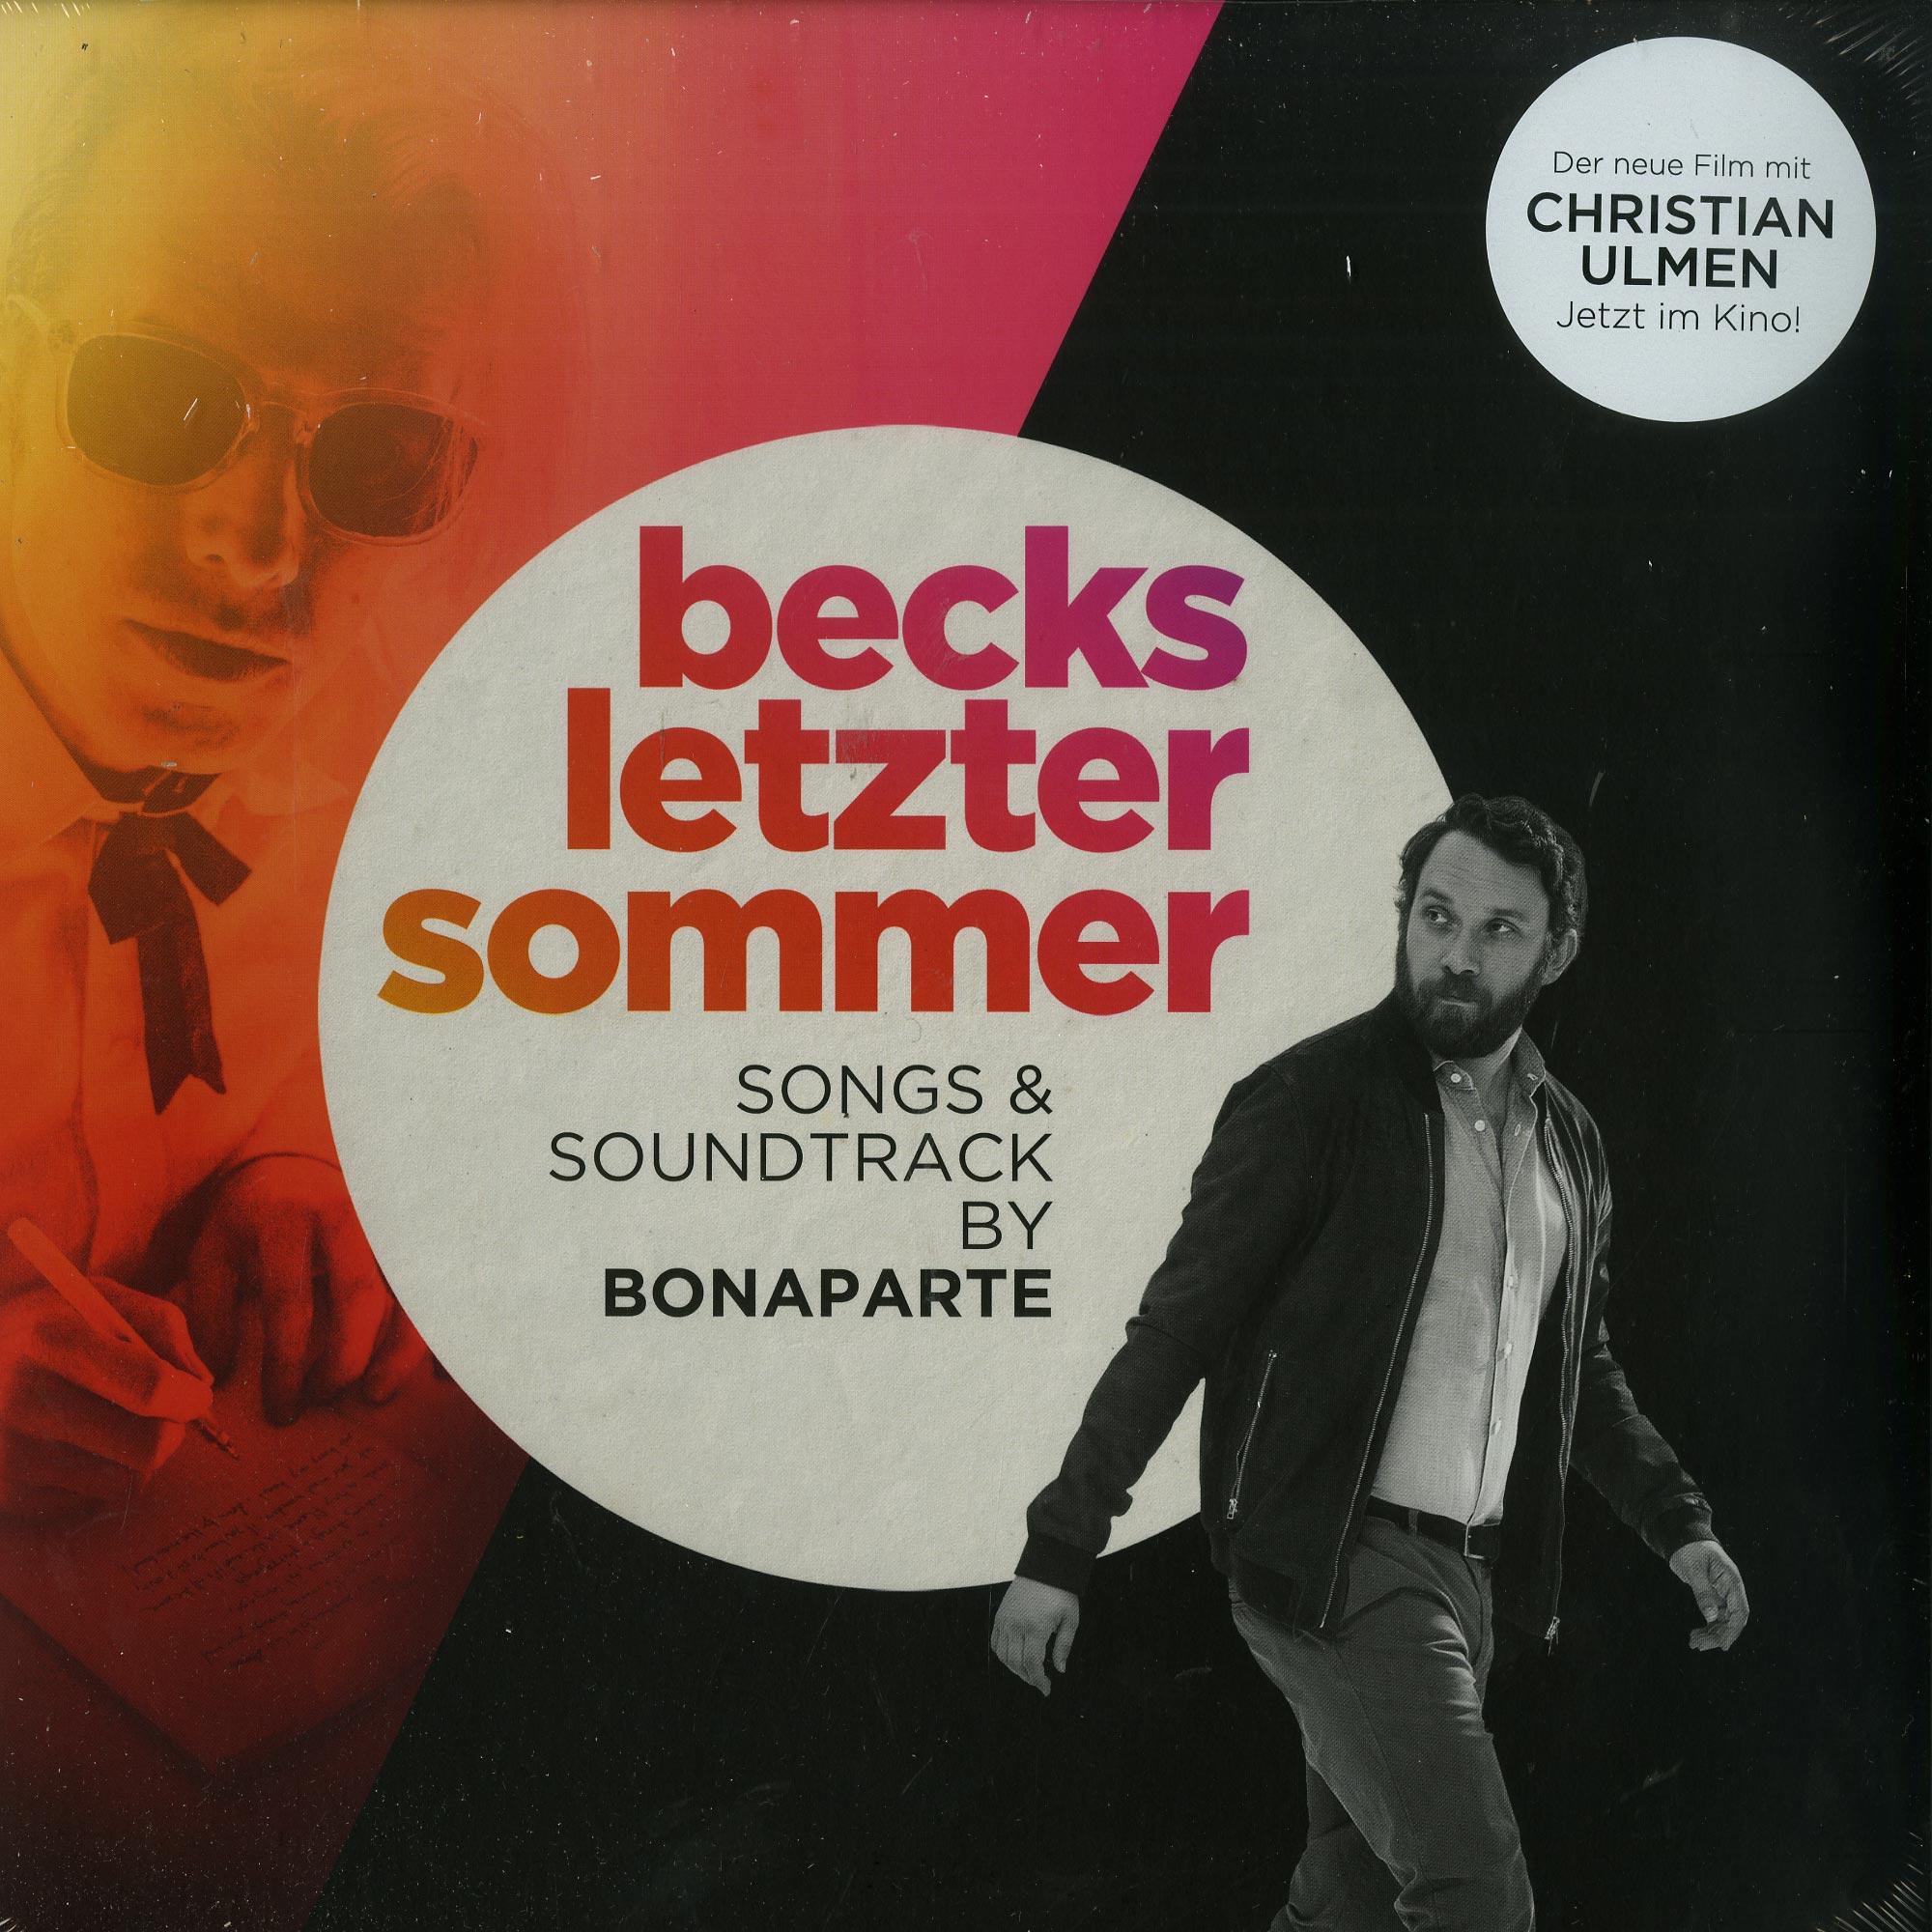 Bonaparte - BECKS LETZTER SOMMER - SONGS & SOUNDTRACK